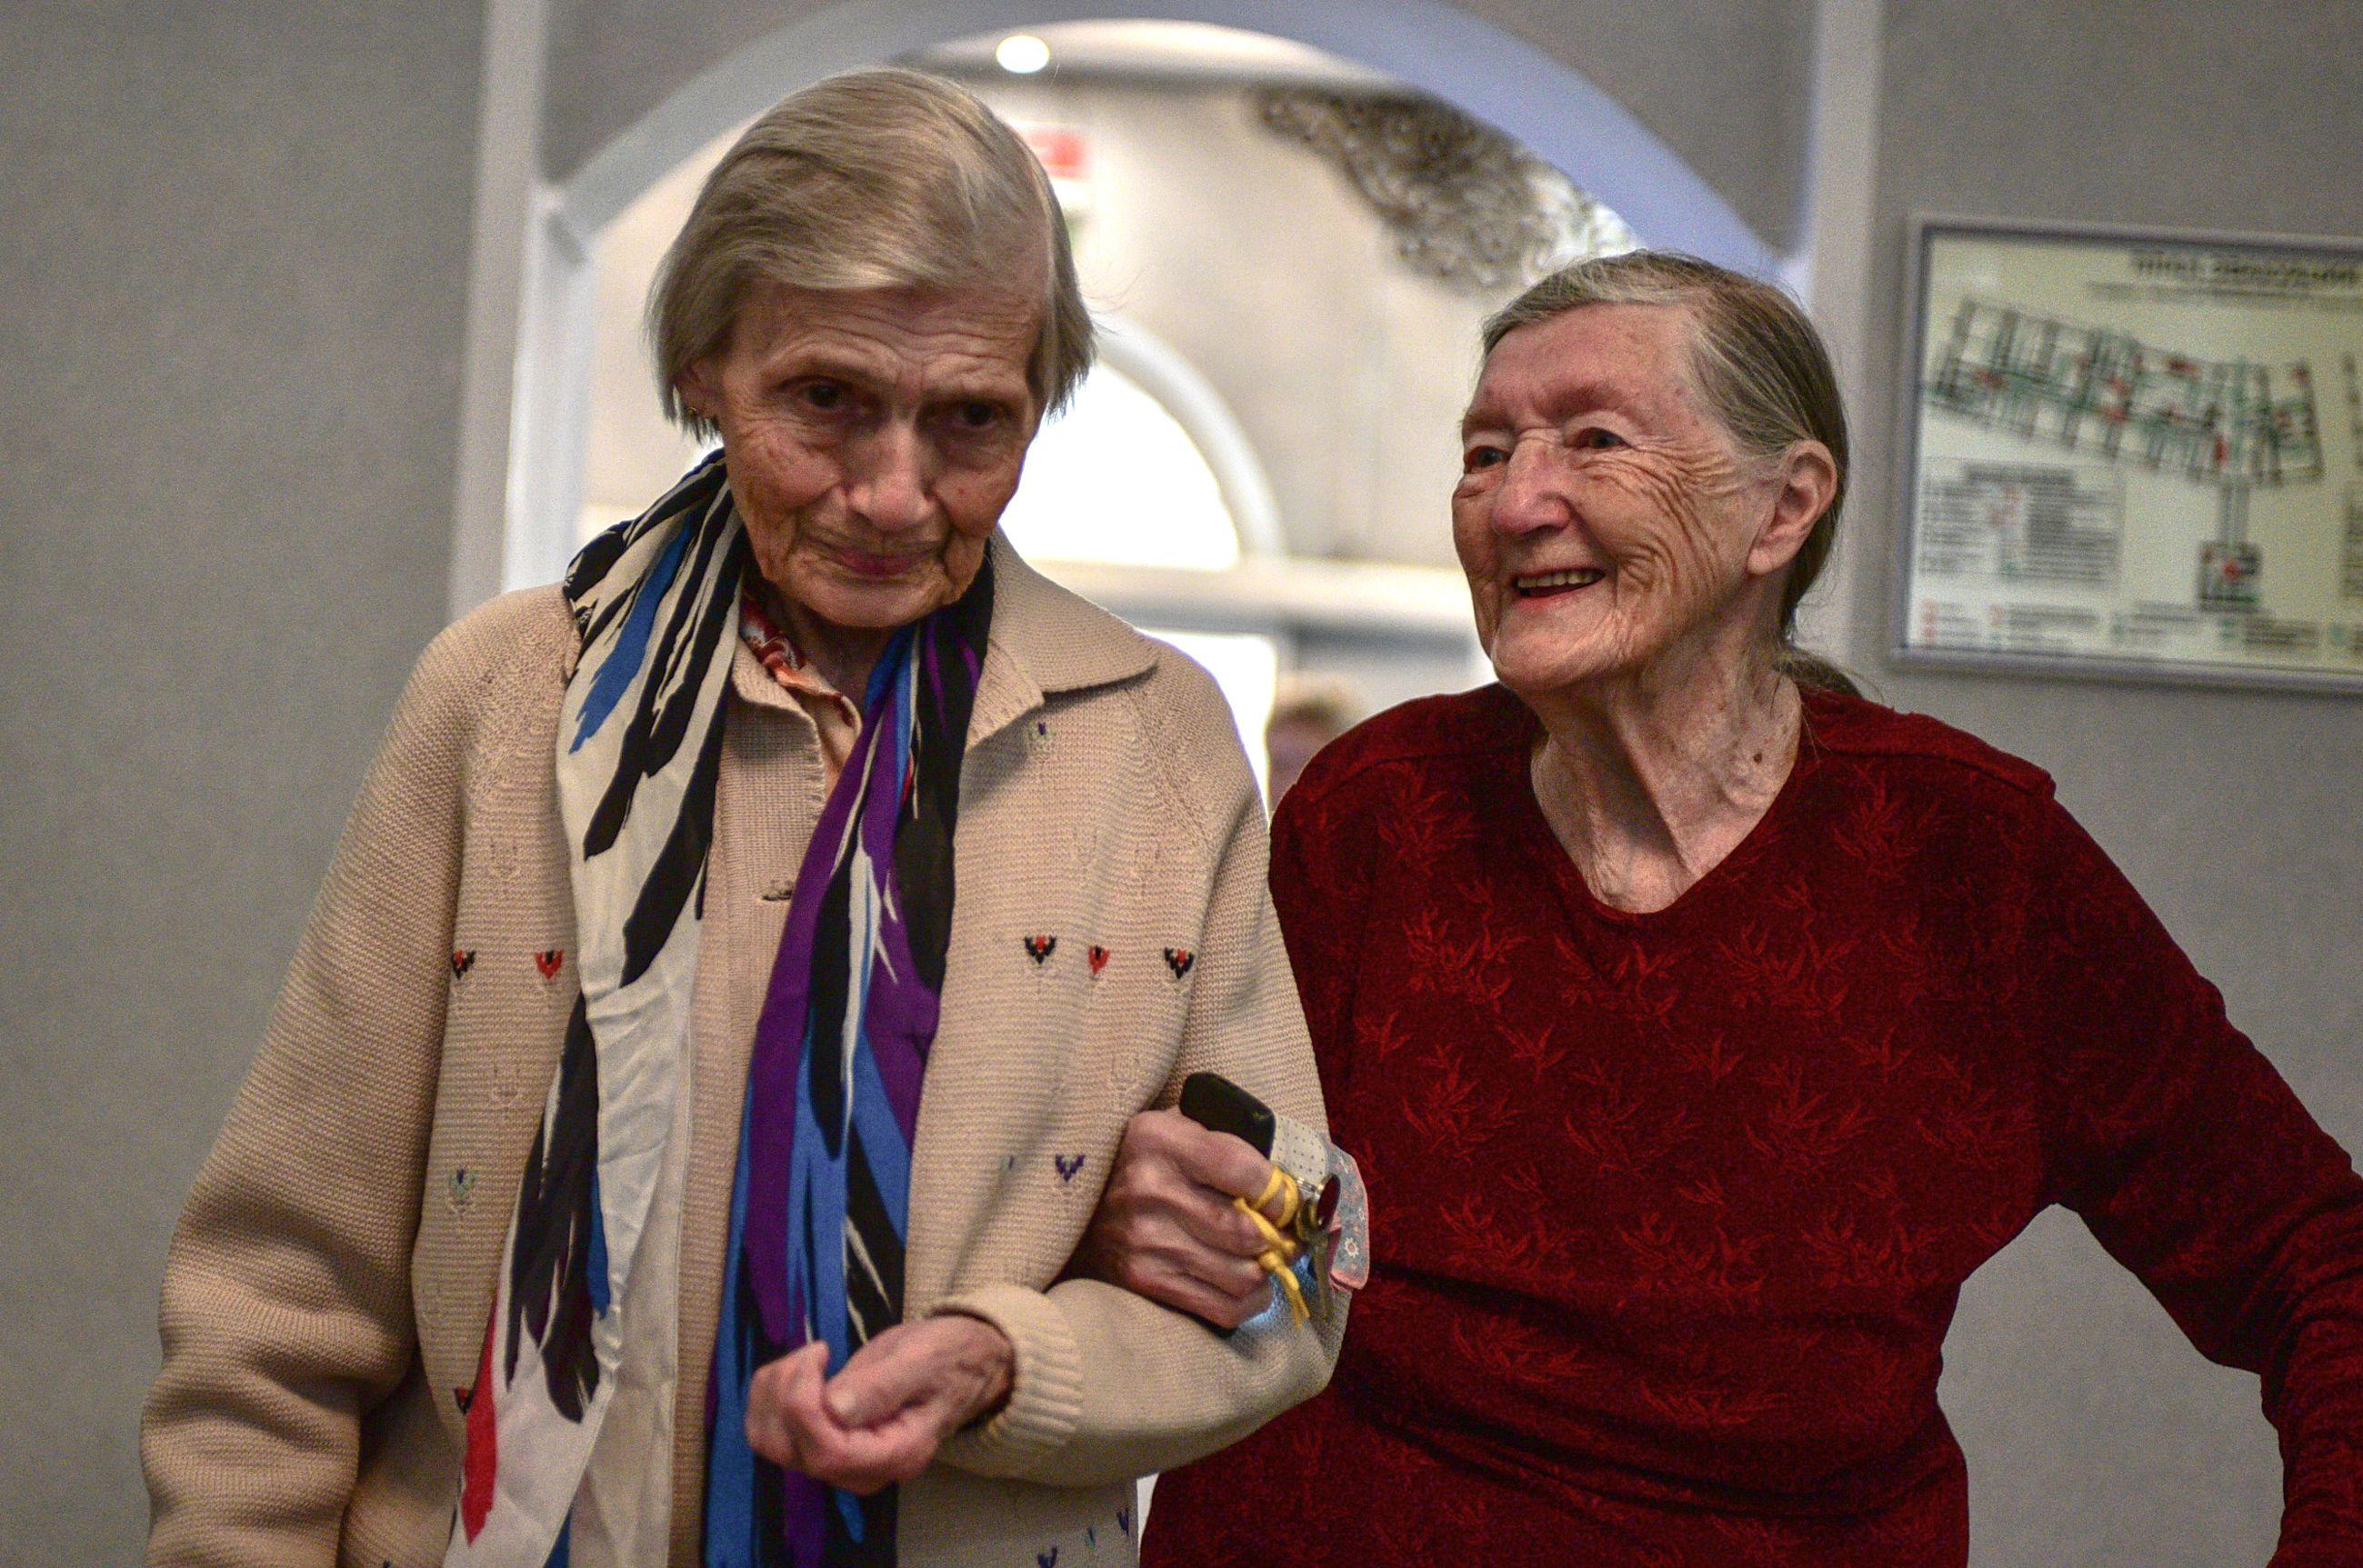 Пенсионеры, которые находятся дома в самоизоляции, получат материальную помощь. Фото: Пелагия Замятина